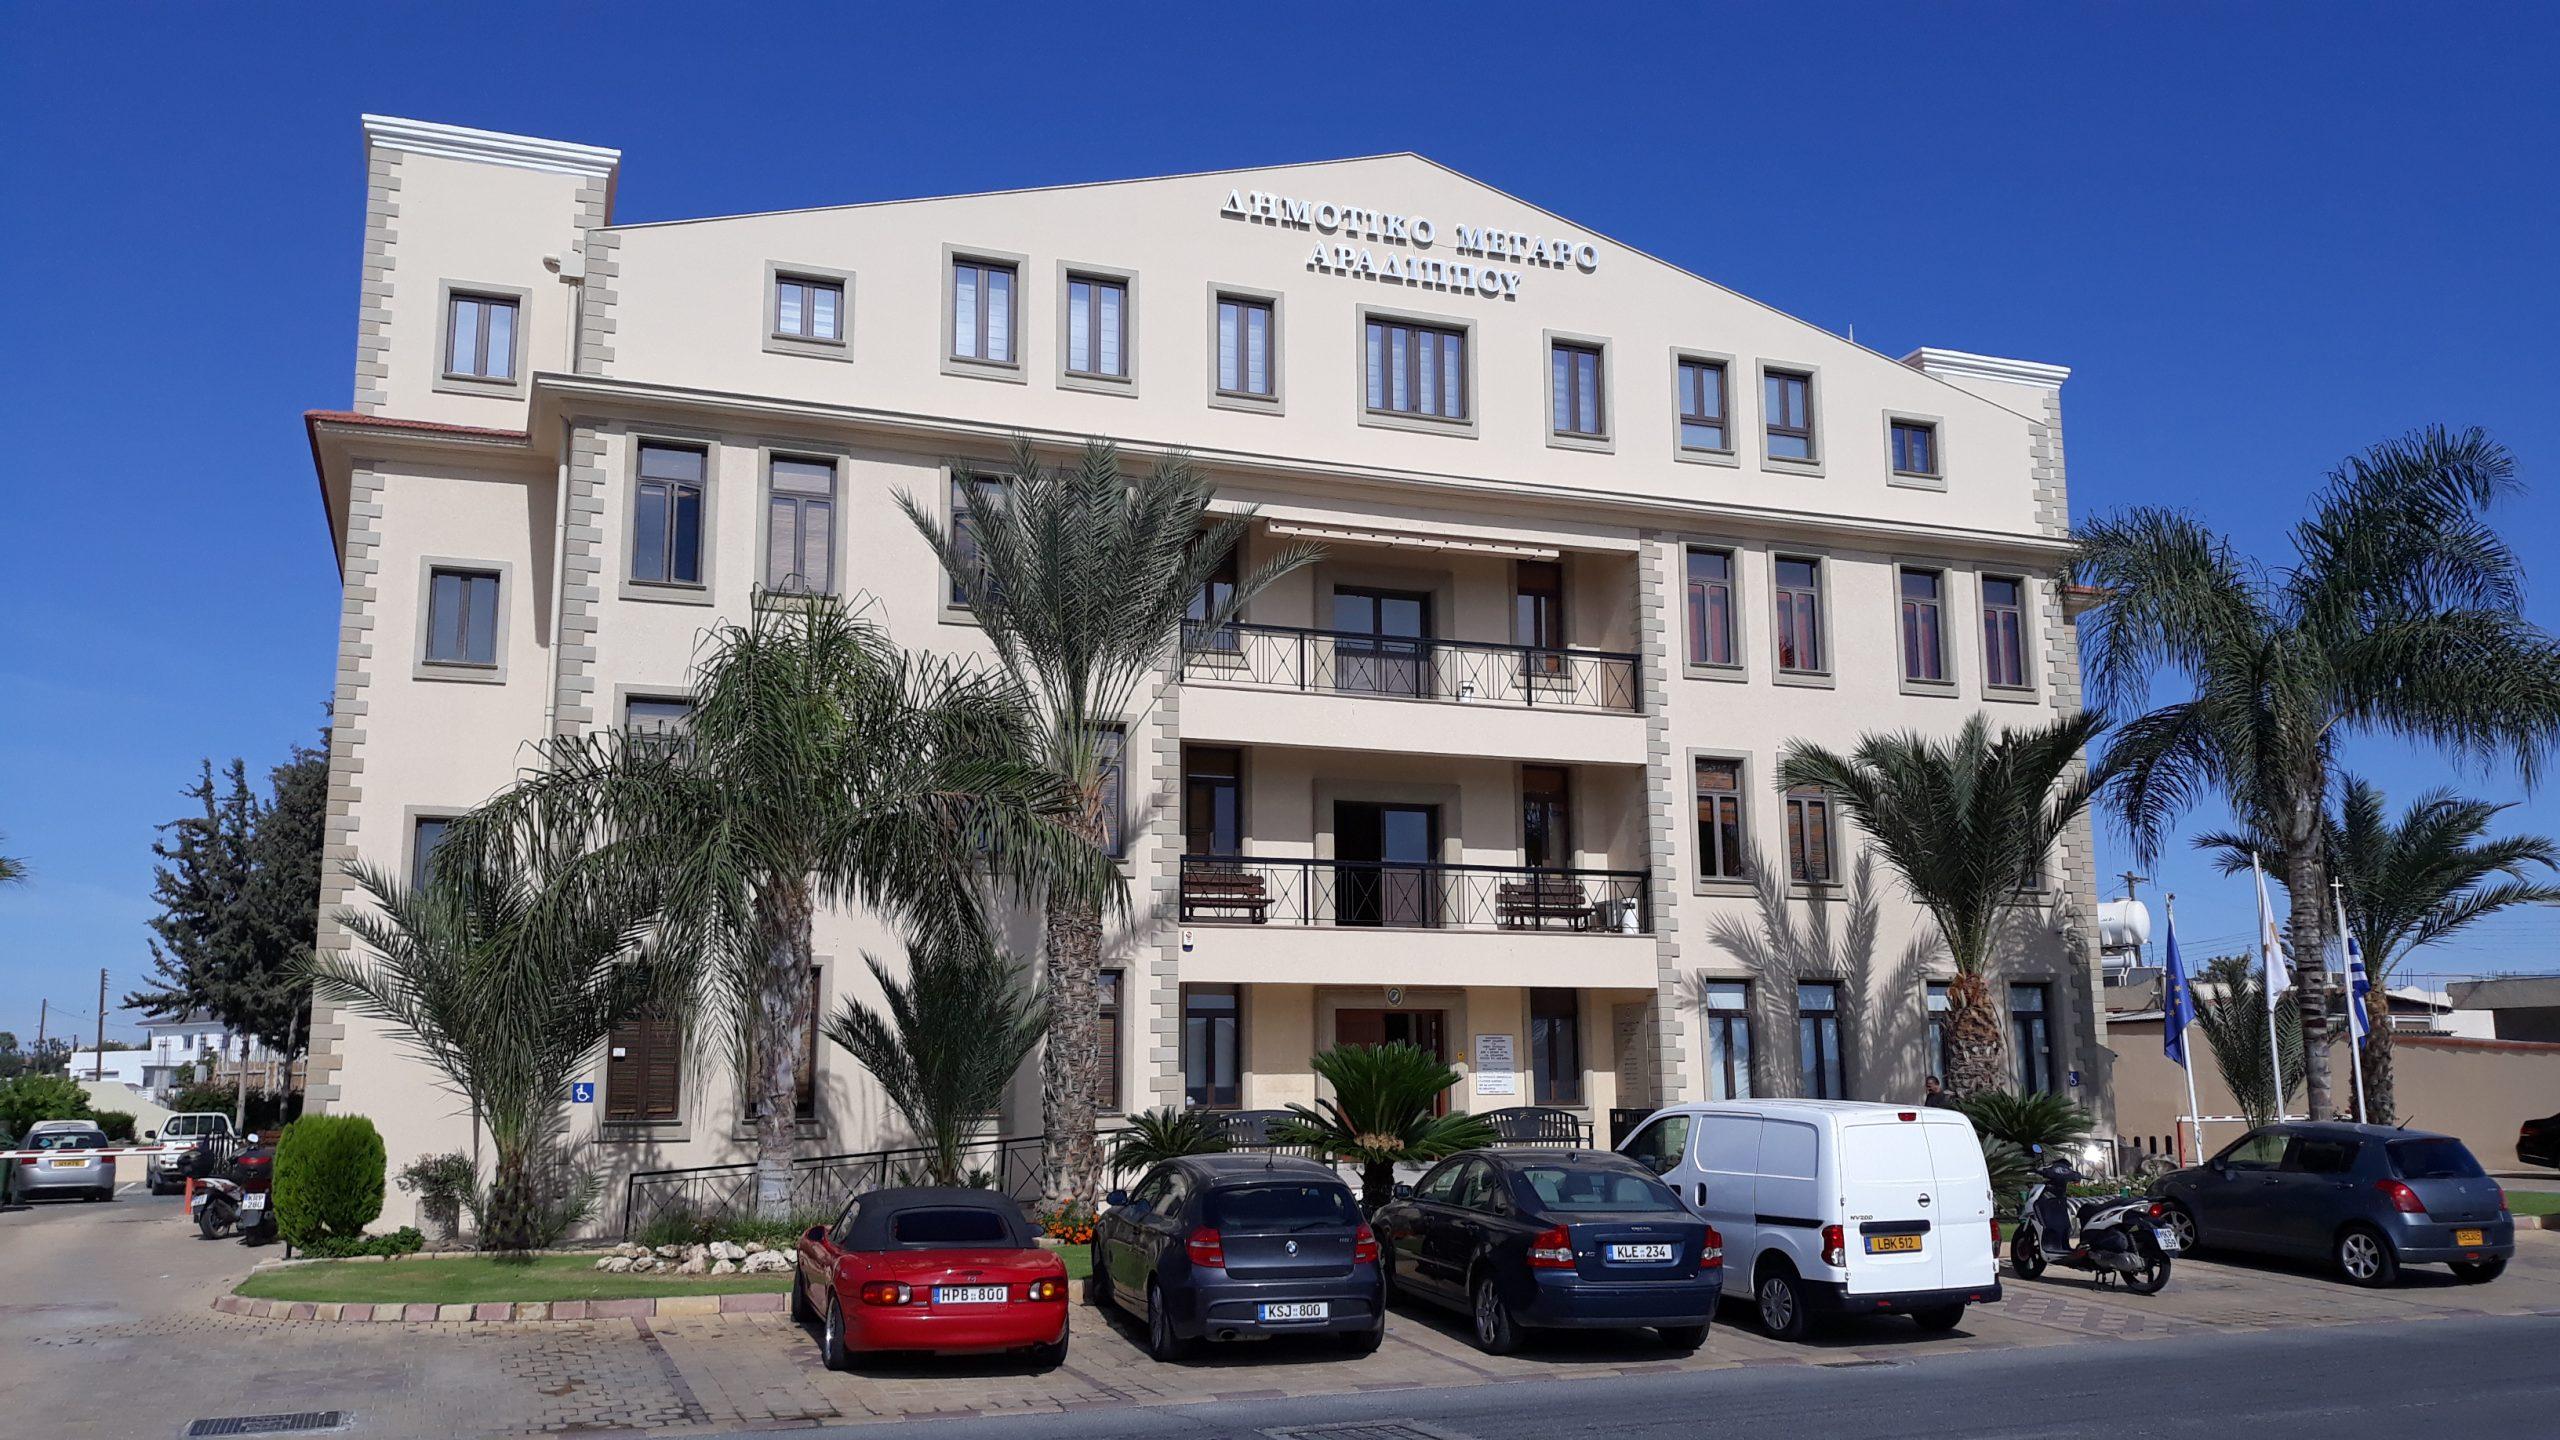 Προσθετά μέτρα αντιμετώπισης της εξάπλωσης του νέου κορωνοϊου, covid-19 από το Δήμο Αραδίππου